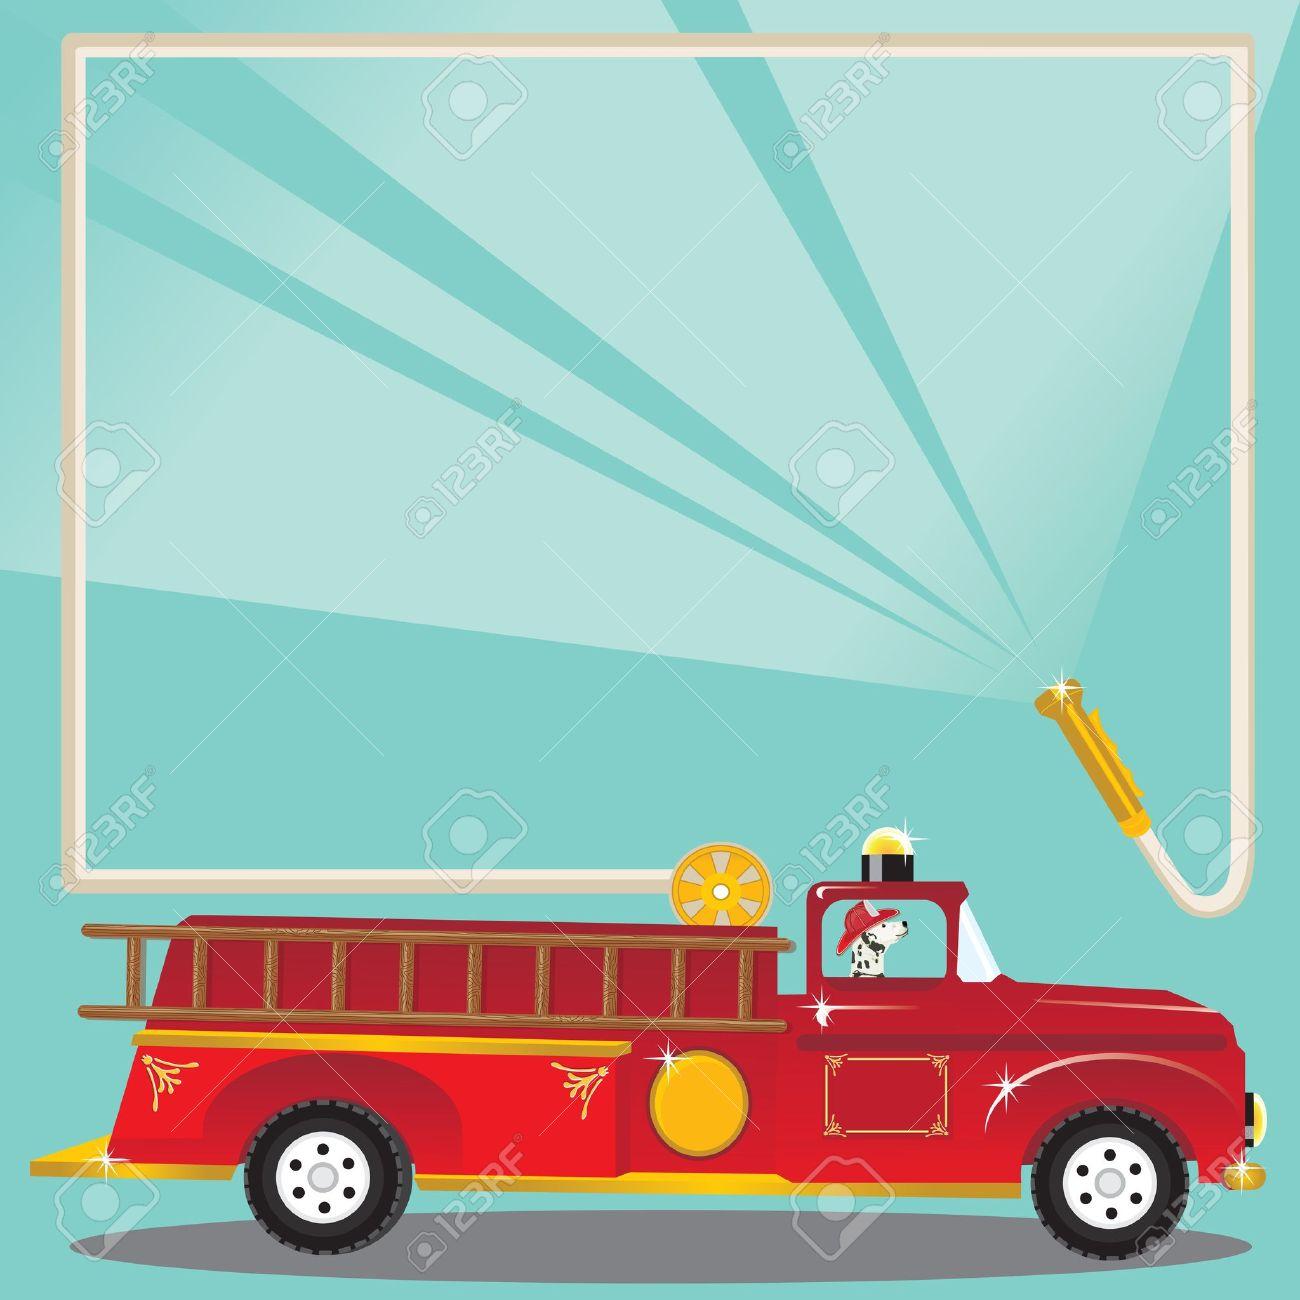 Firetruck Birthday Party Invitation Super Cute Firetruck With – Firetruck Birthday Invitations